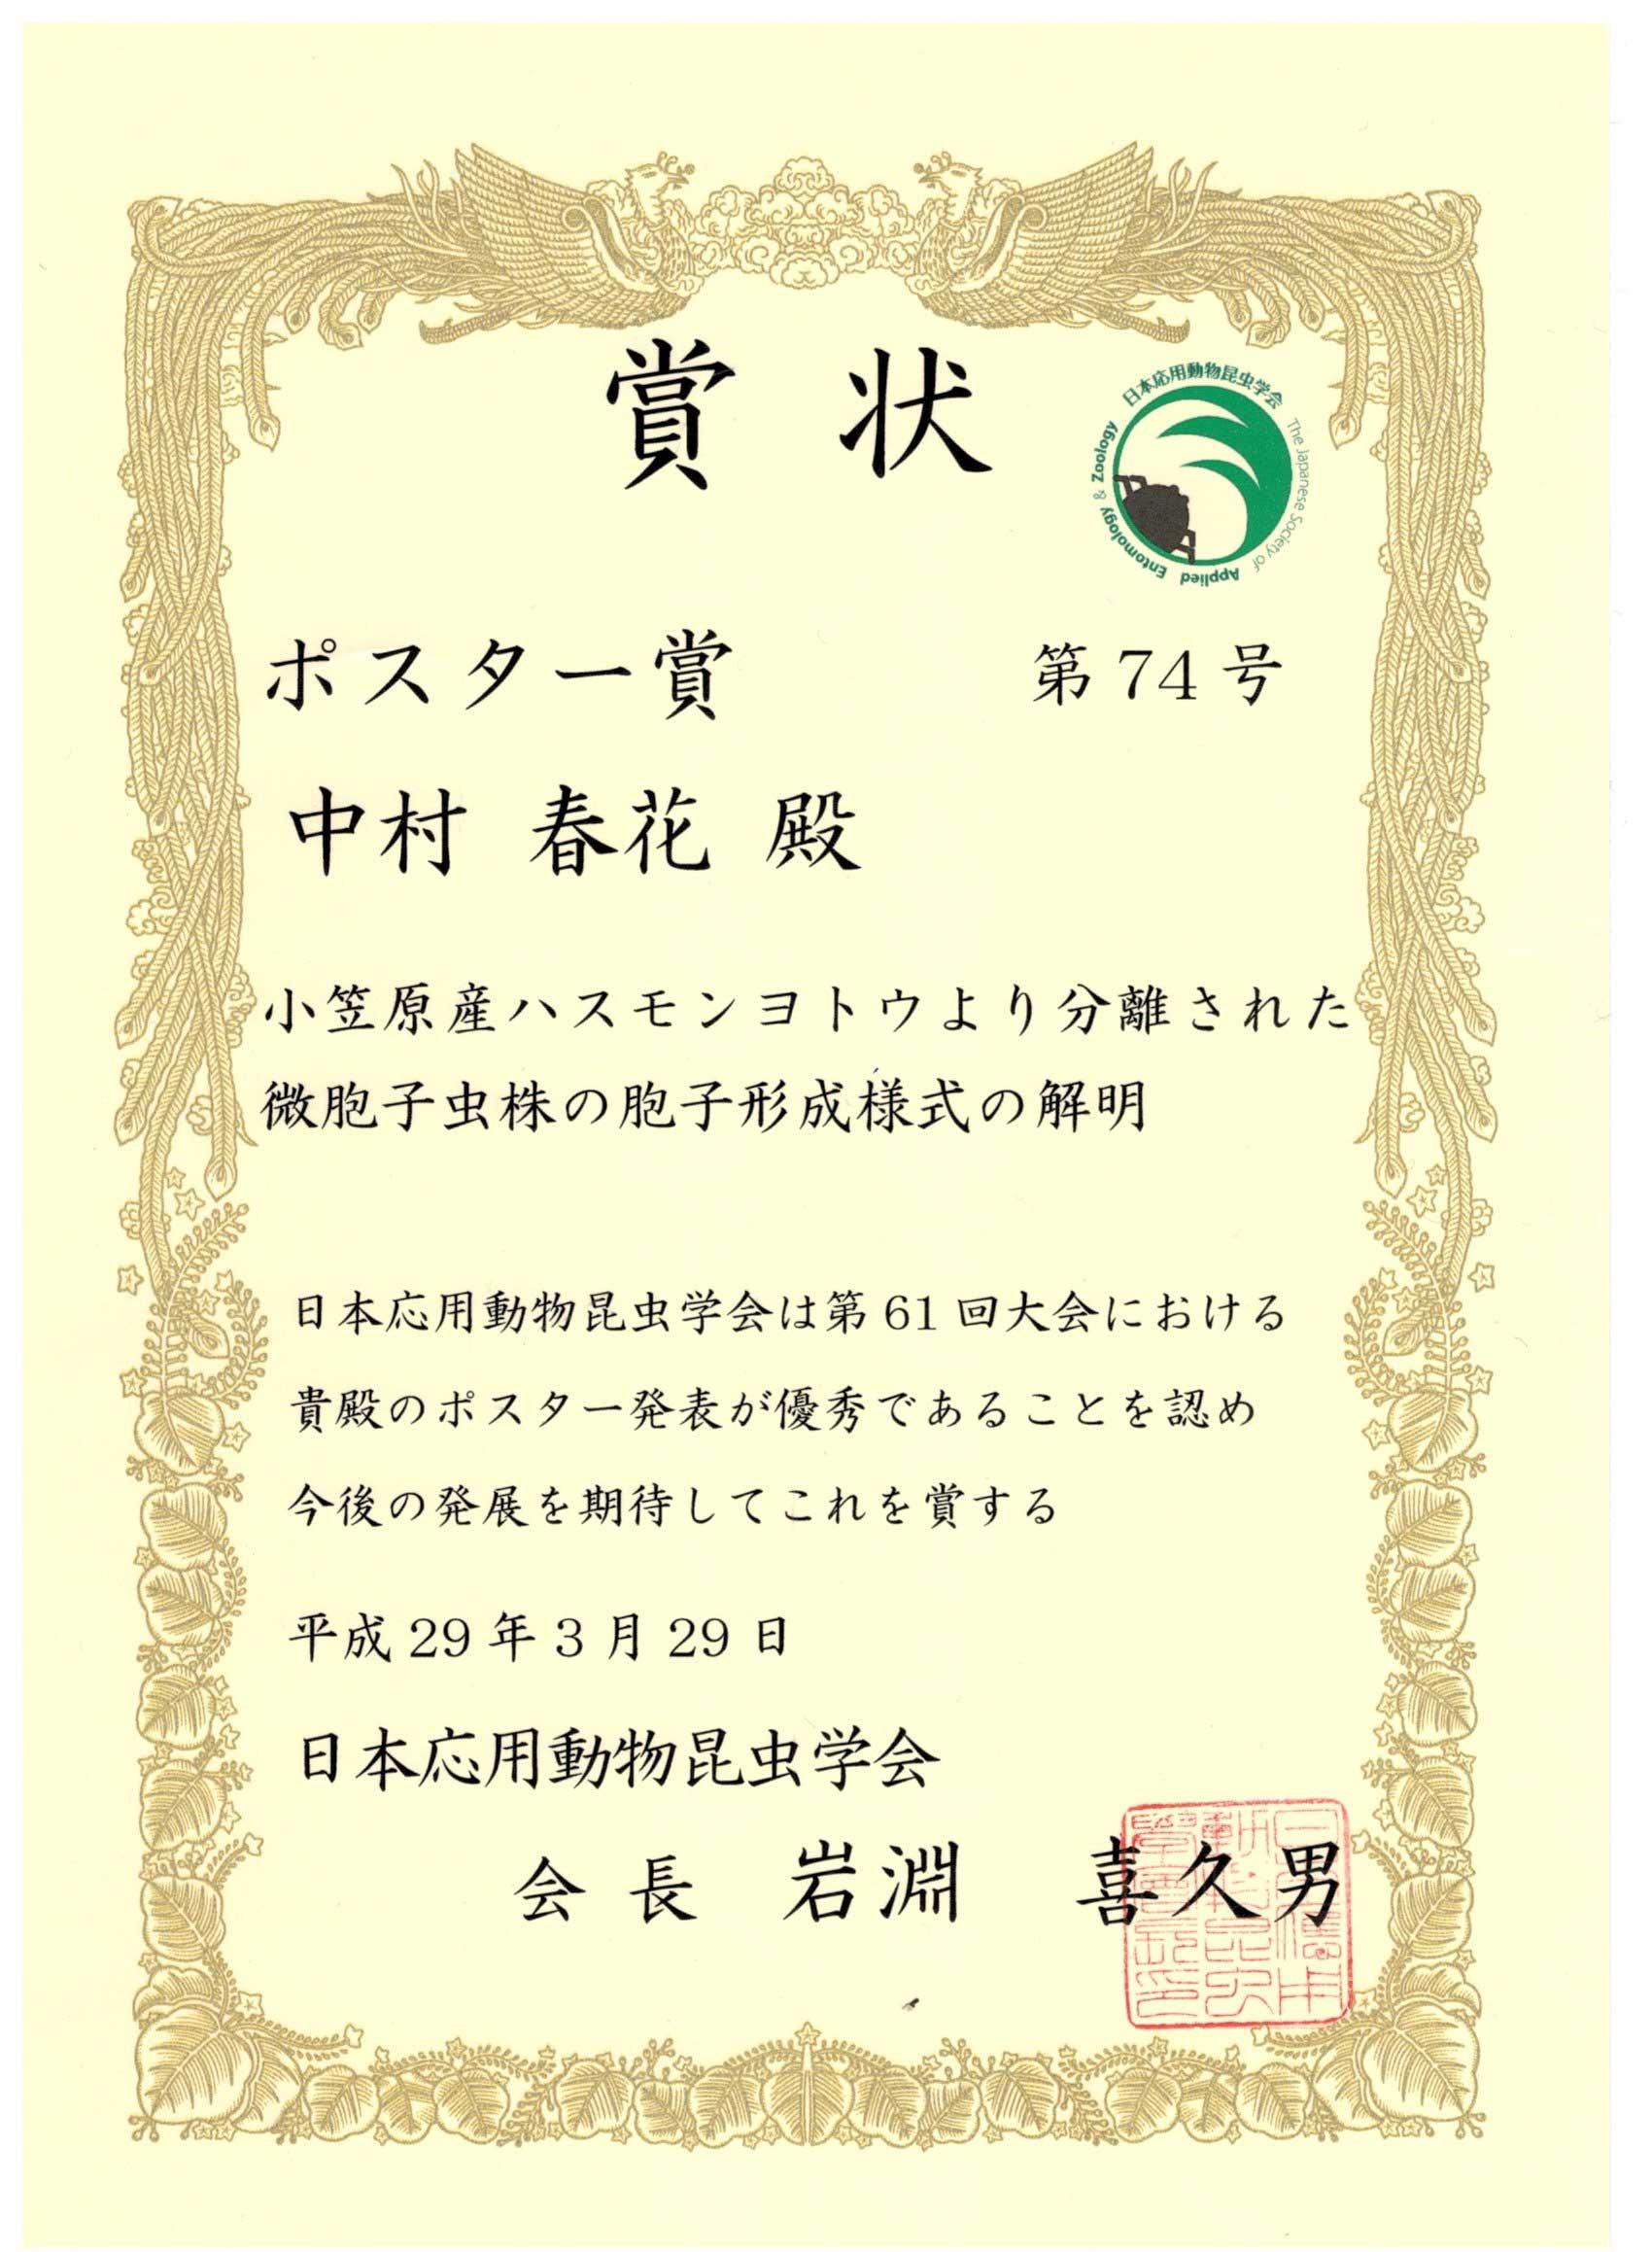 生命農学科の大学院生中村春花さんがポスター賞を受賞しました!